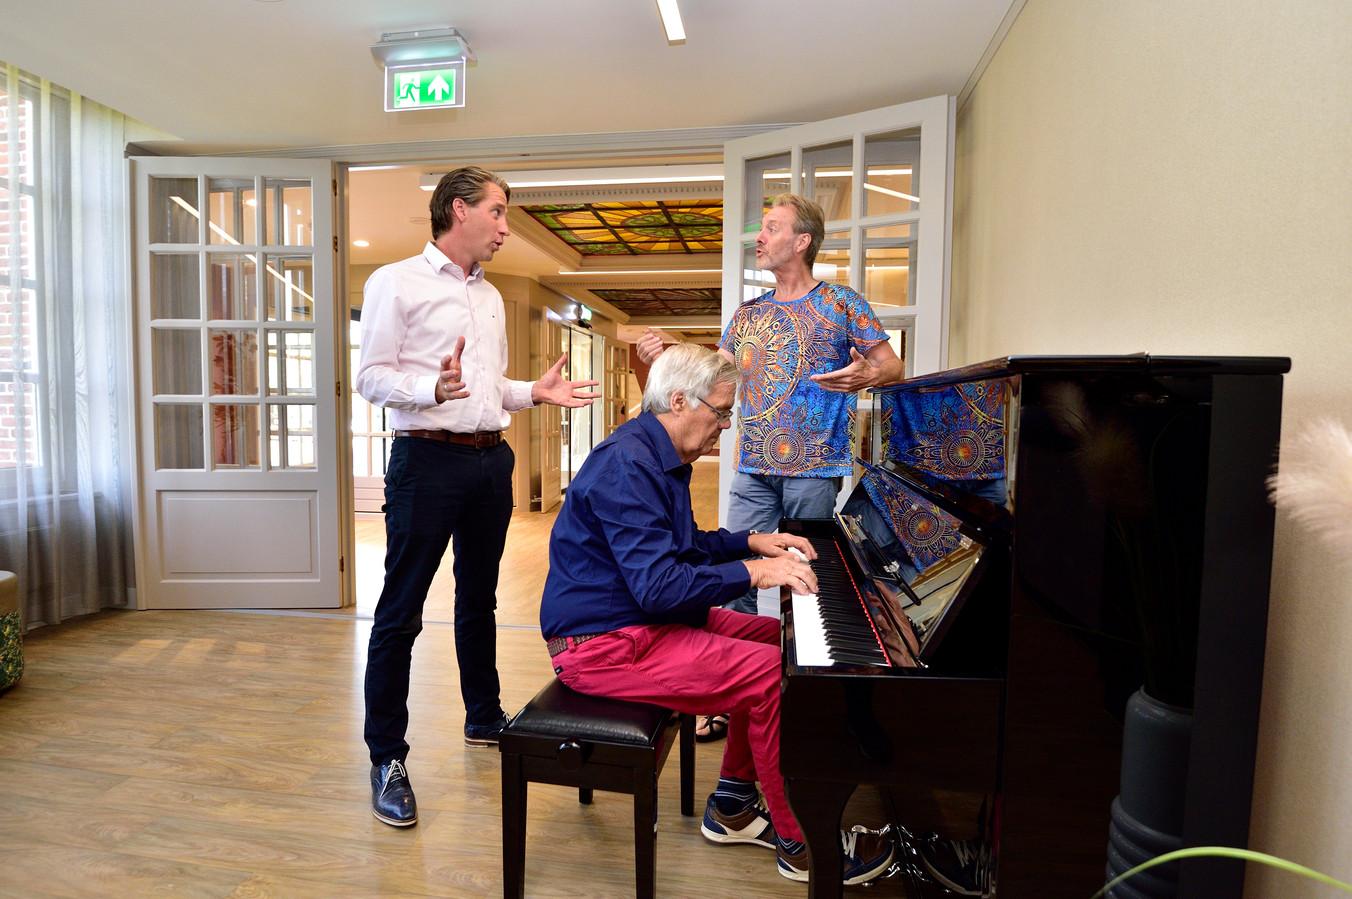 Bewoner Herbert IJsseldijk van het Amadeushuis speelt 'De Zilvervloot' op de piano. Directeur Eric van der Linde en de Goudse muzikant Henny Brink (rechts) zingen met hem mee.